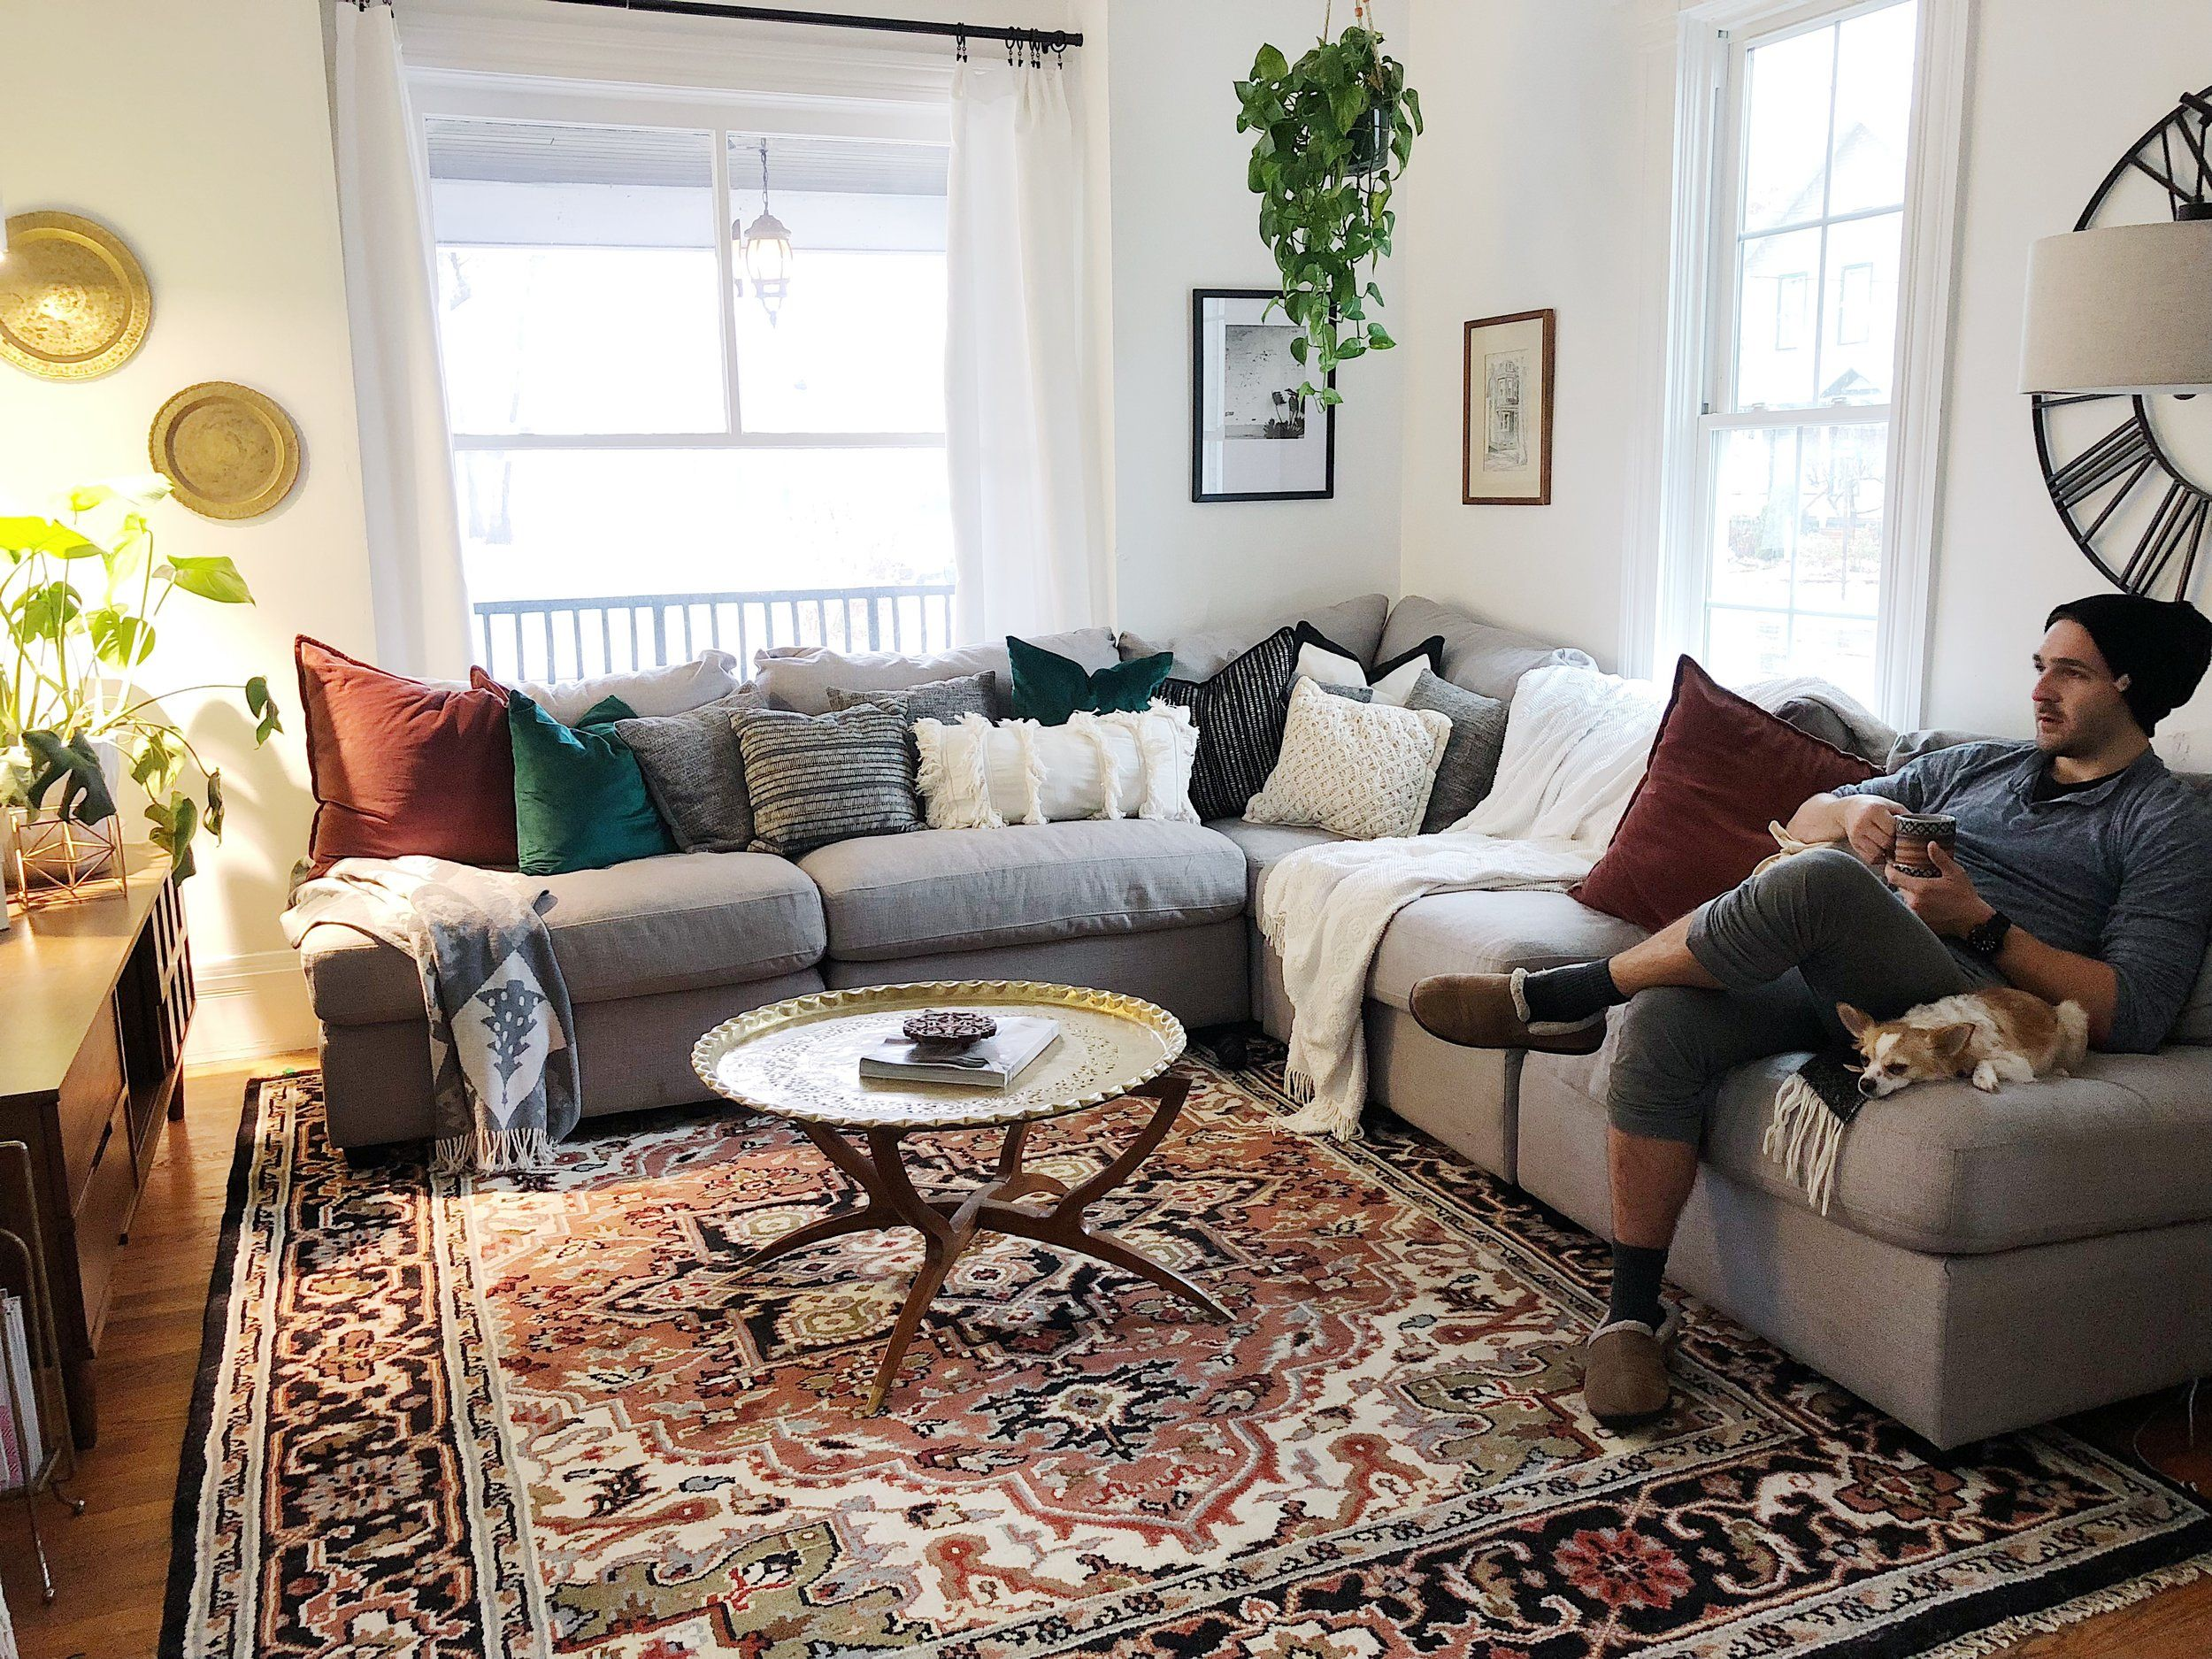 White Living Room Blue Navy Velvet Sofa Persian Rug Plants White Curtains Black Curtai Velvet Sofa Living Room Red Rug Living Room Black Sofa Living Room